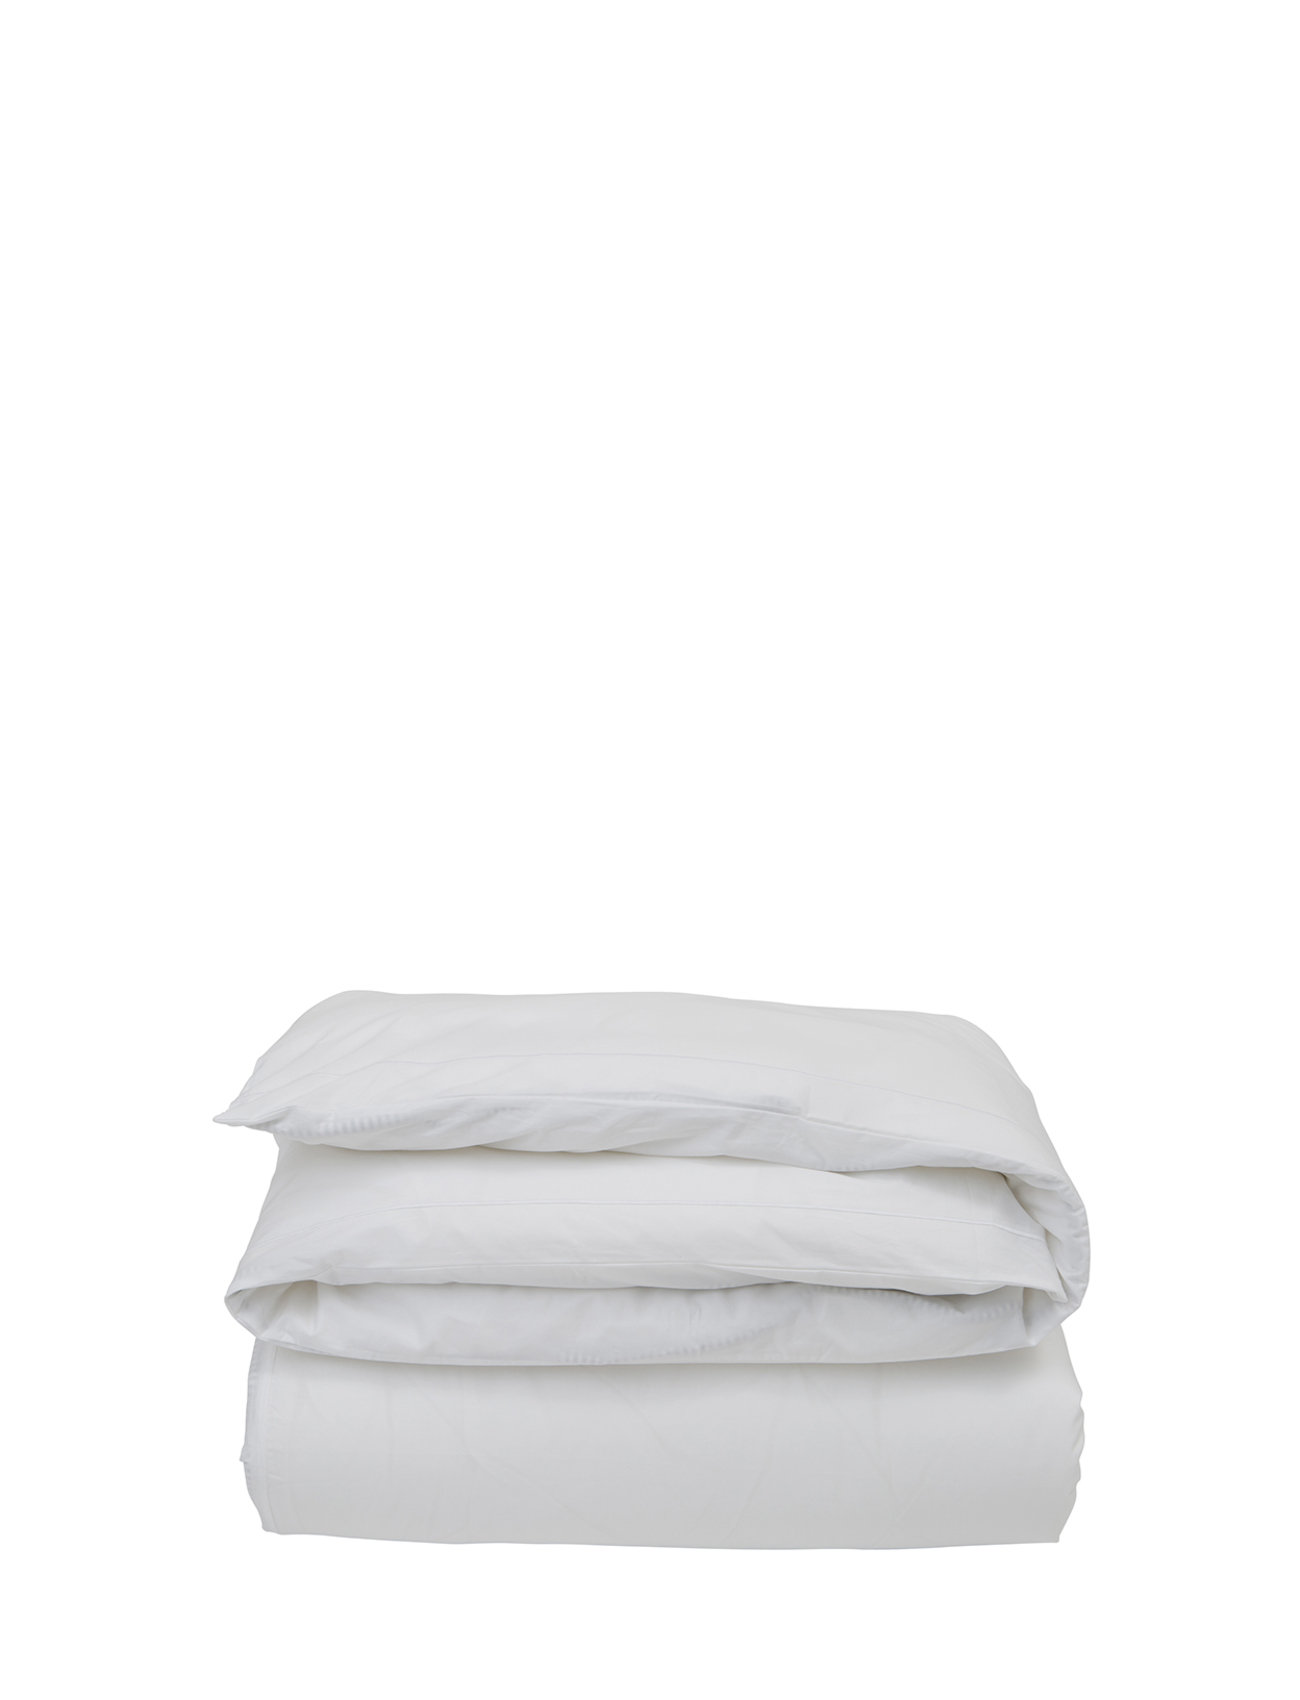 Lexington Home Hotel Percale White/White Duvet - WHITE/WHITE